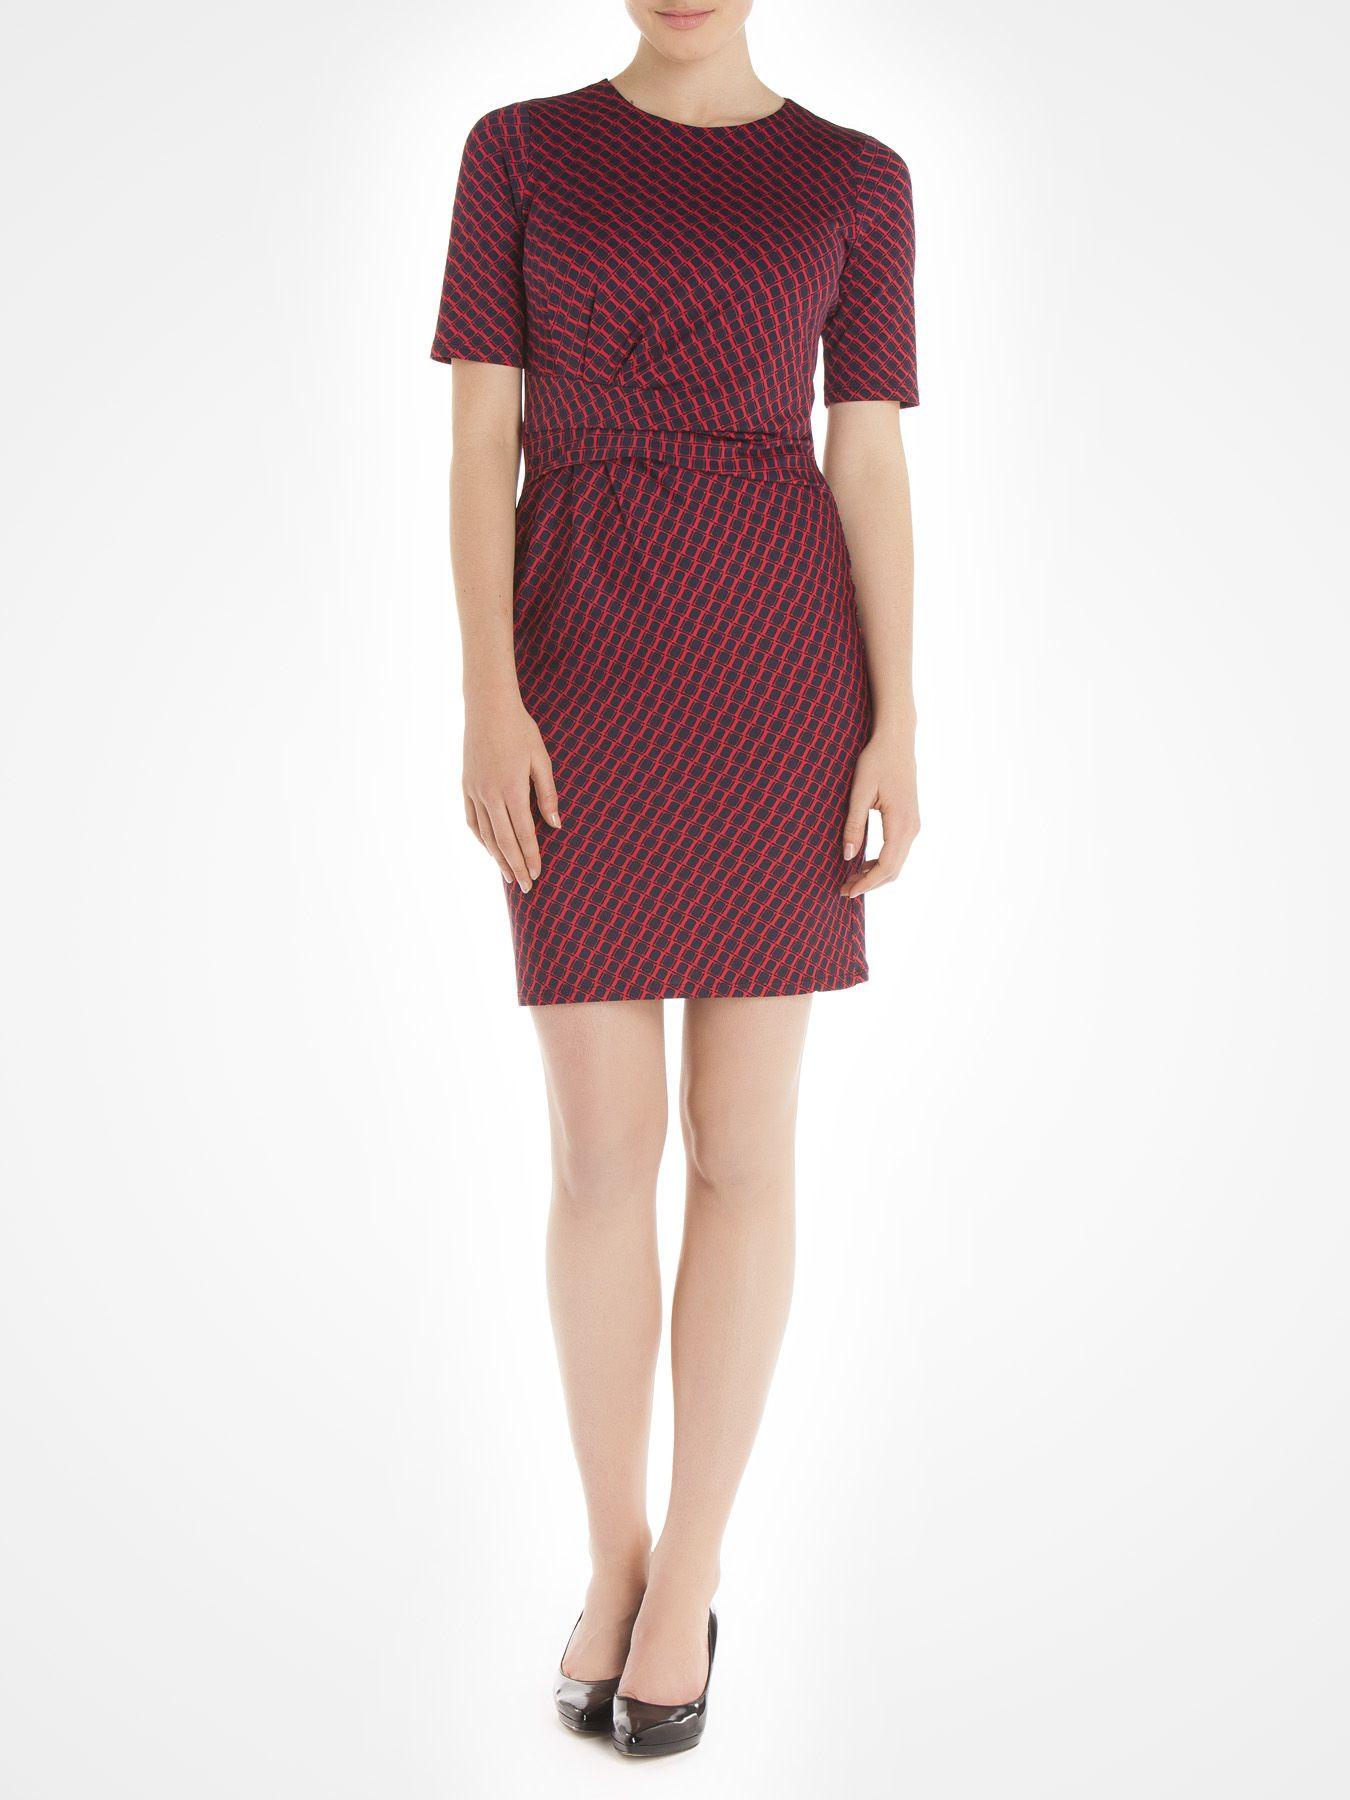 Robe imprimée avec plis à la taille 100 % fabriquée au Canada - Printed dress with pleats at the waist 100% made in Canada